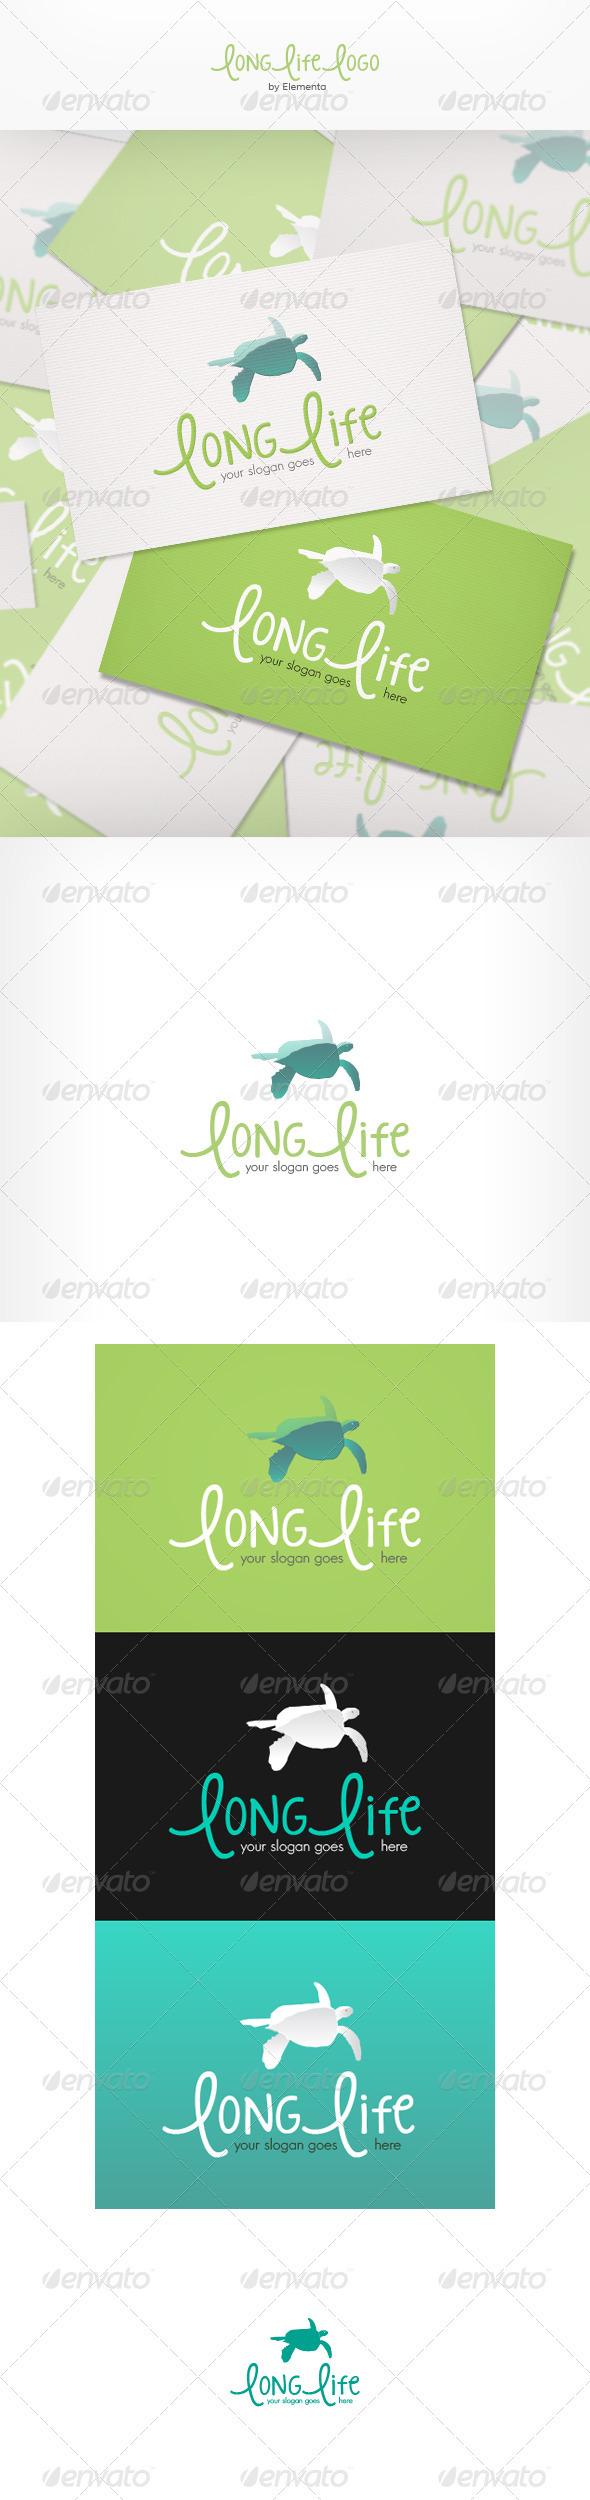 GraphicRiver Long Life Logo 3667433